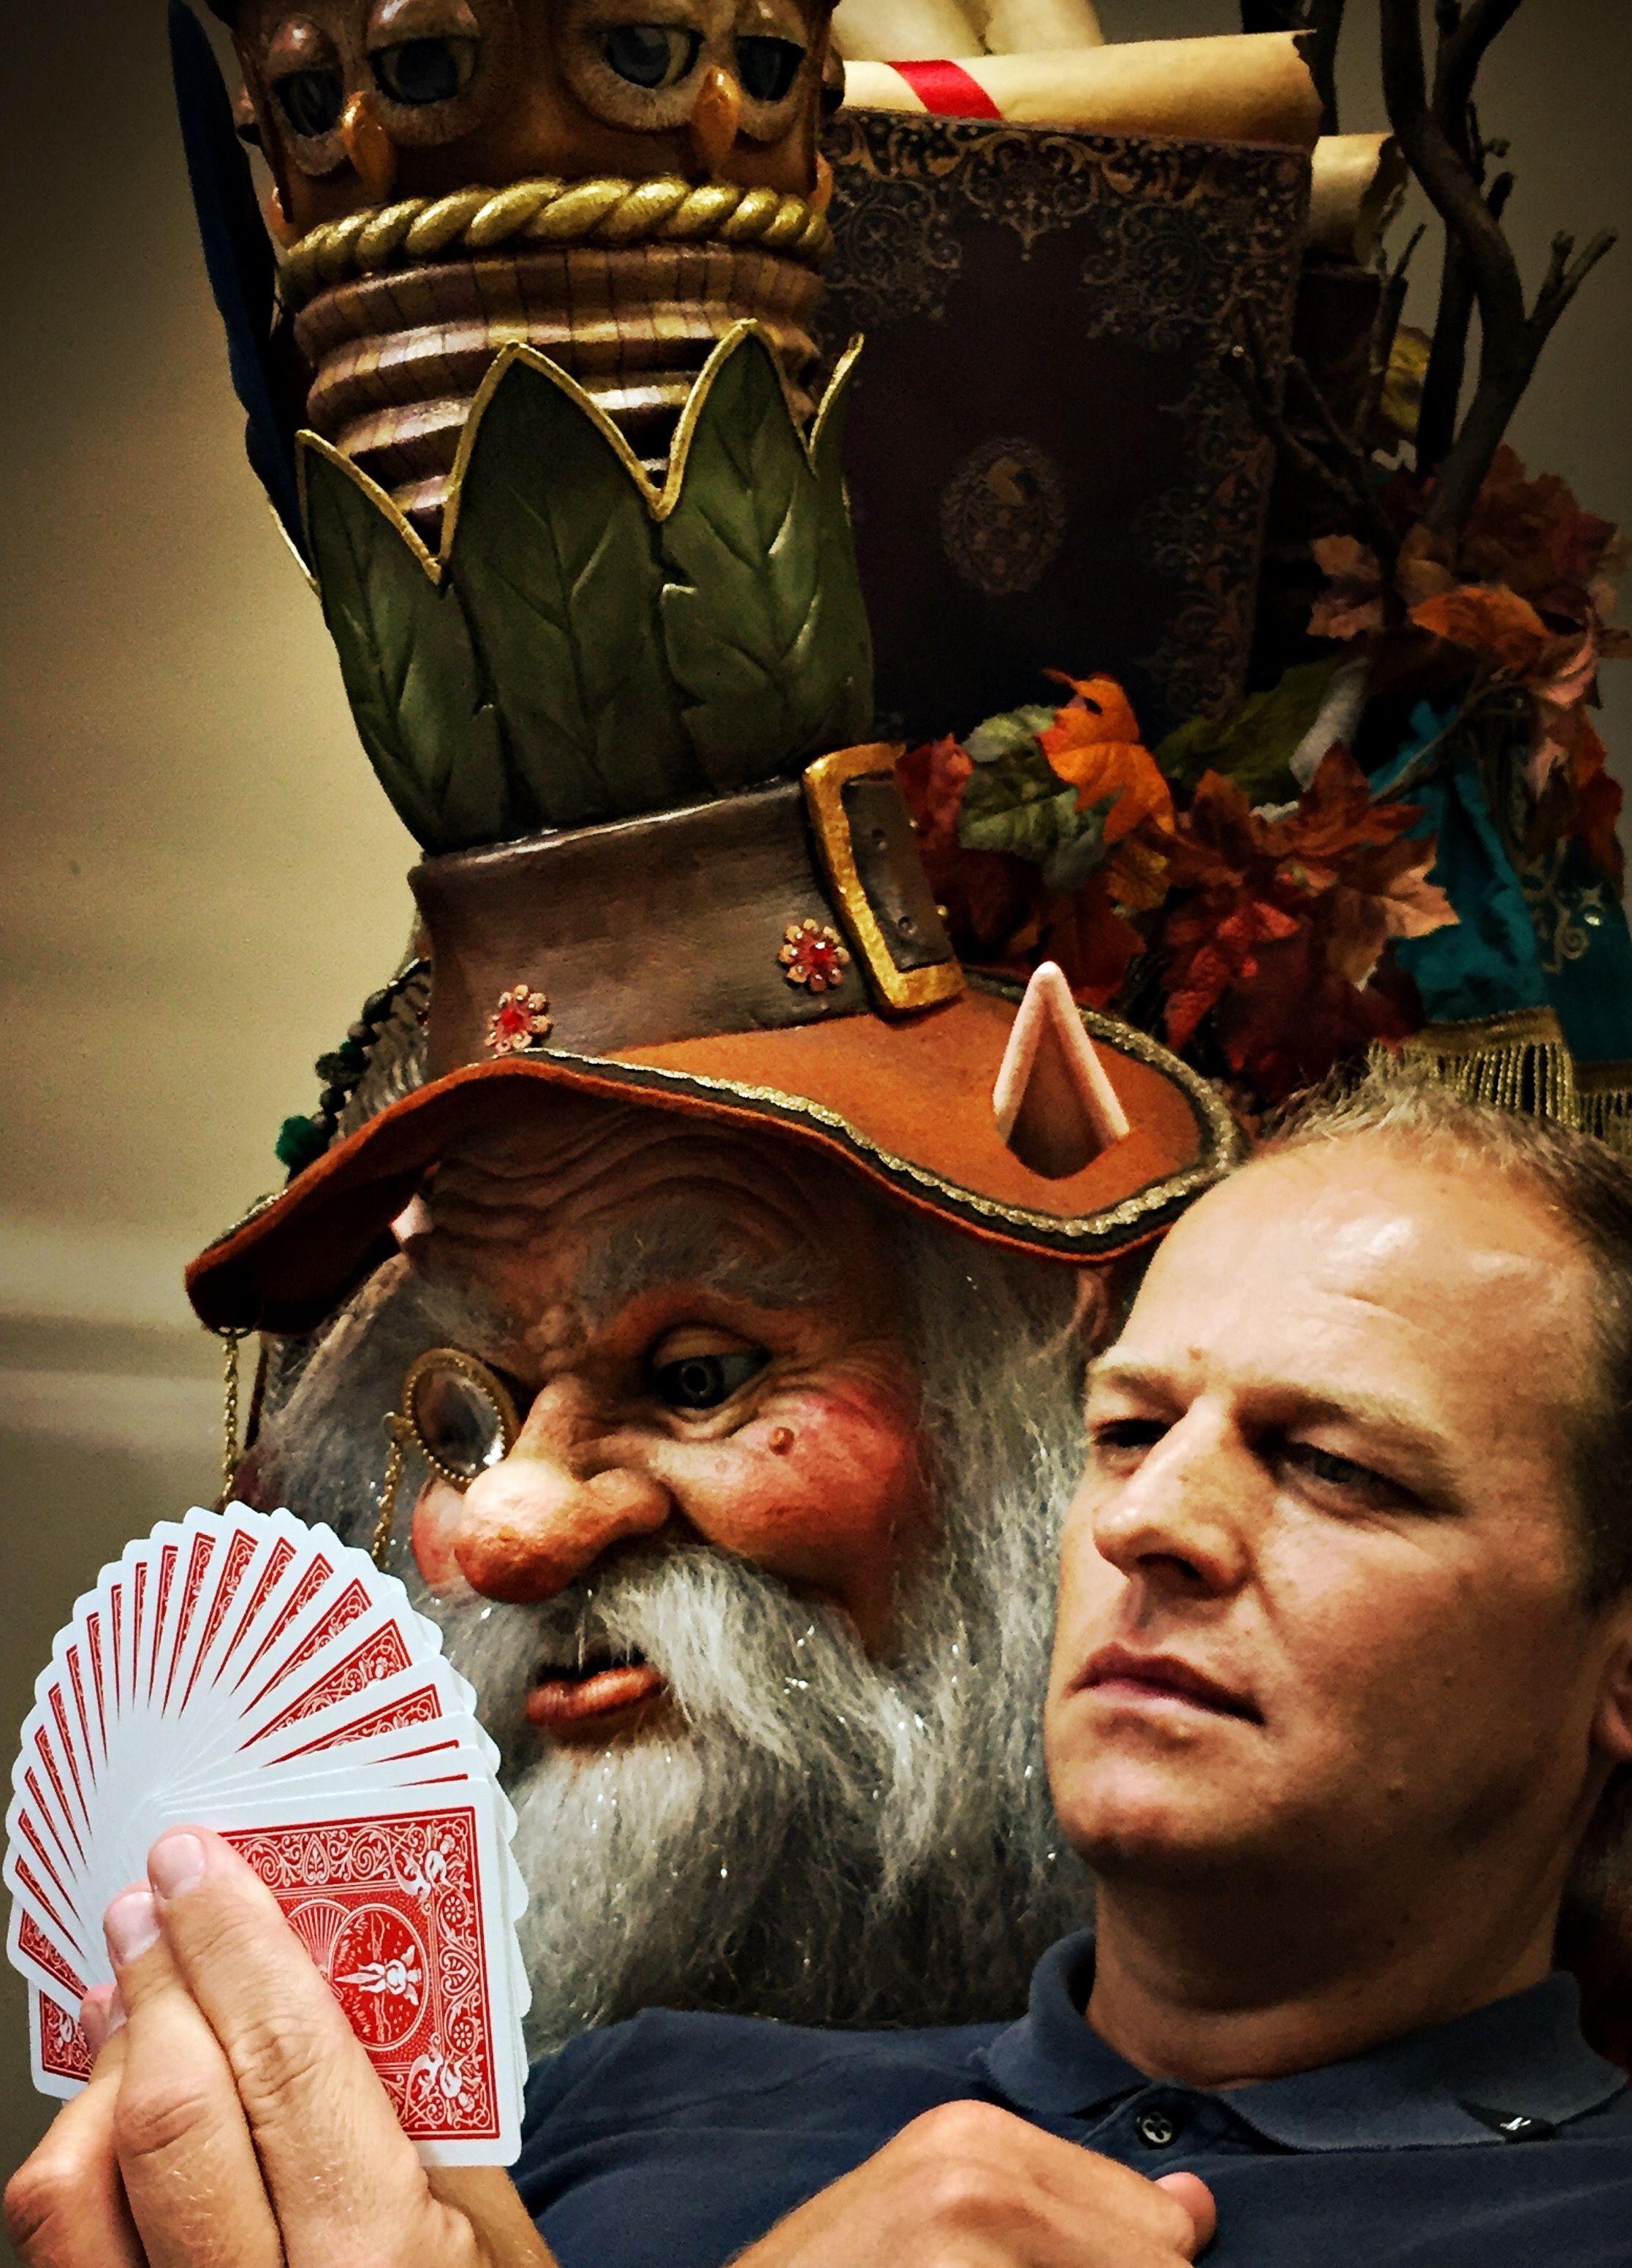 Efteling Sprookjes Sprokkelaar Verwonderaar Magische Evenementen Sprookjes